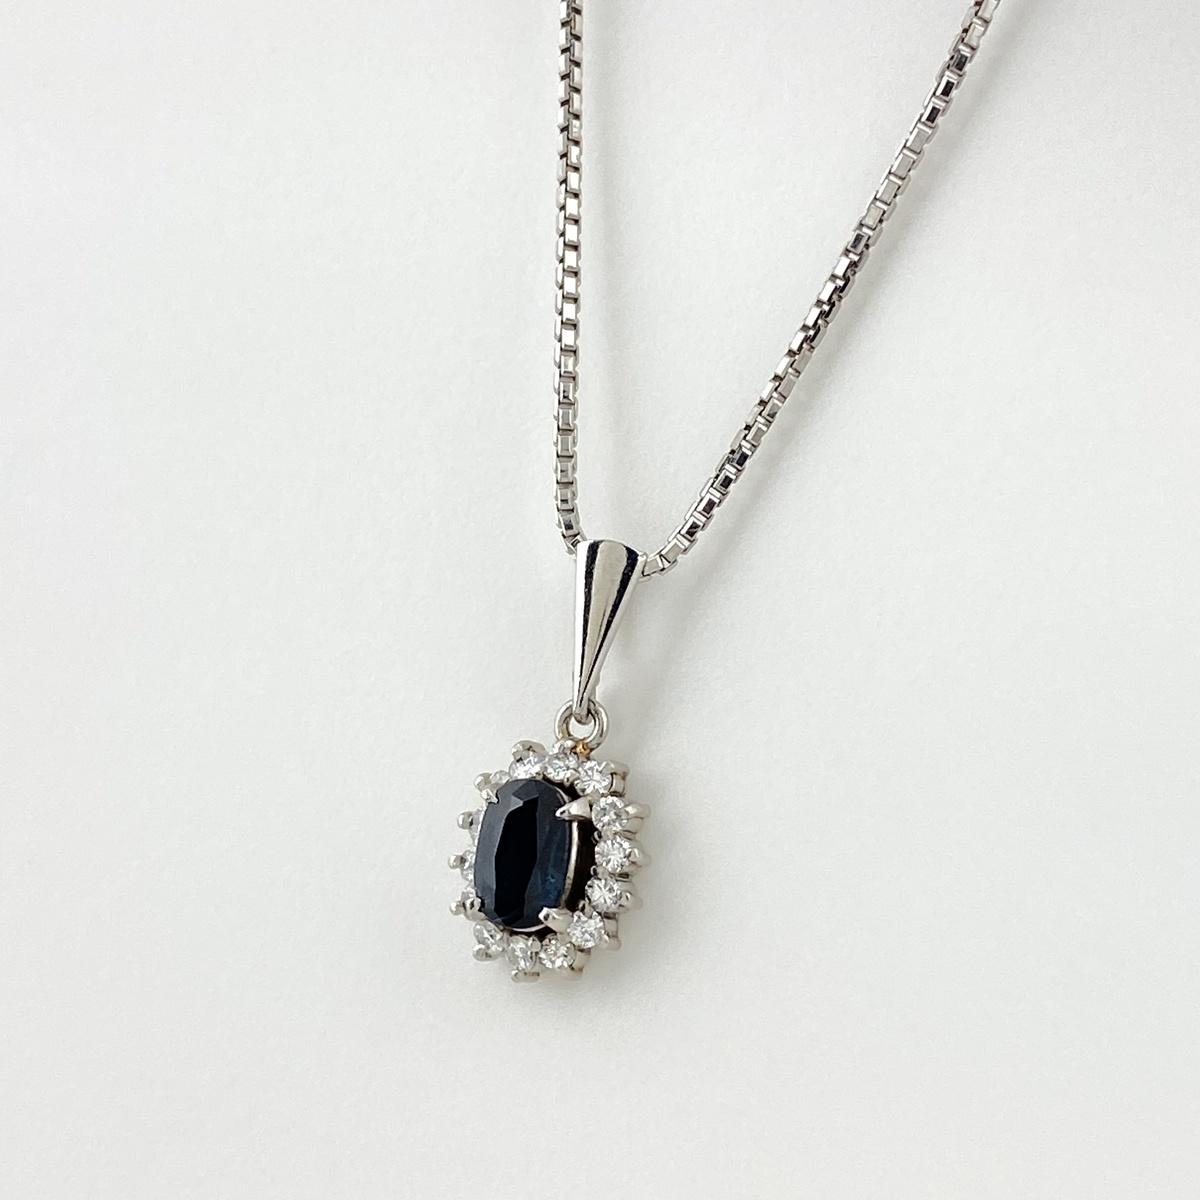 USED 送料無料 激安通販専門店 激安通販ショッピング サファイア デザインネックレス プラチナ メレダイヤ Pt900 中古 ペンダント ダイヤモンド レディース ネックレス